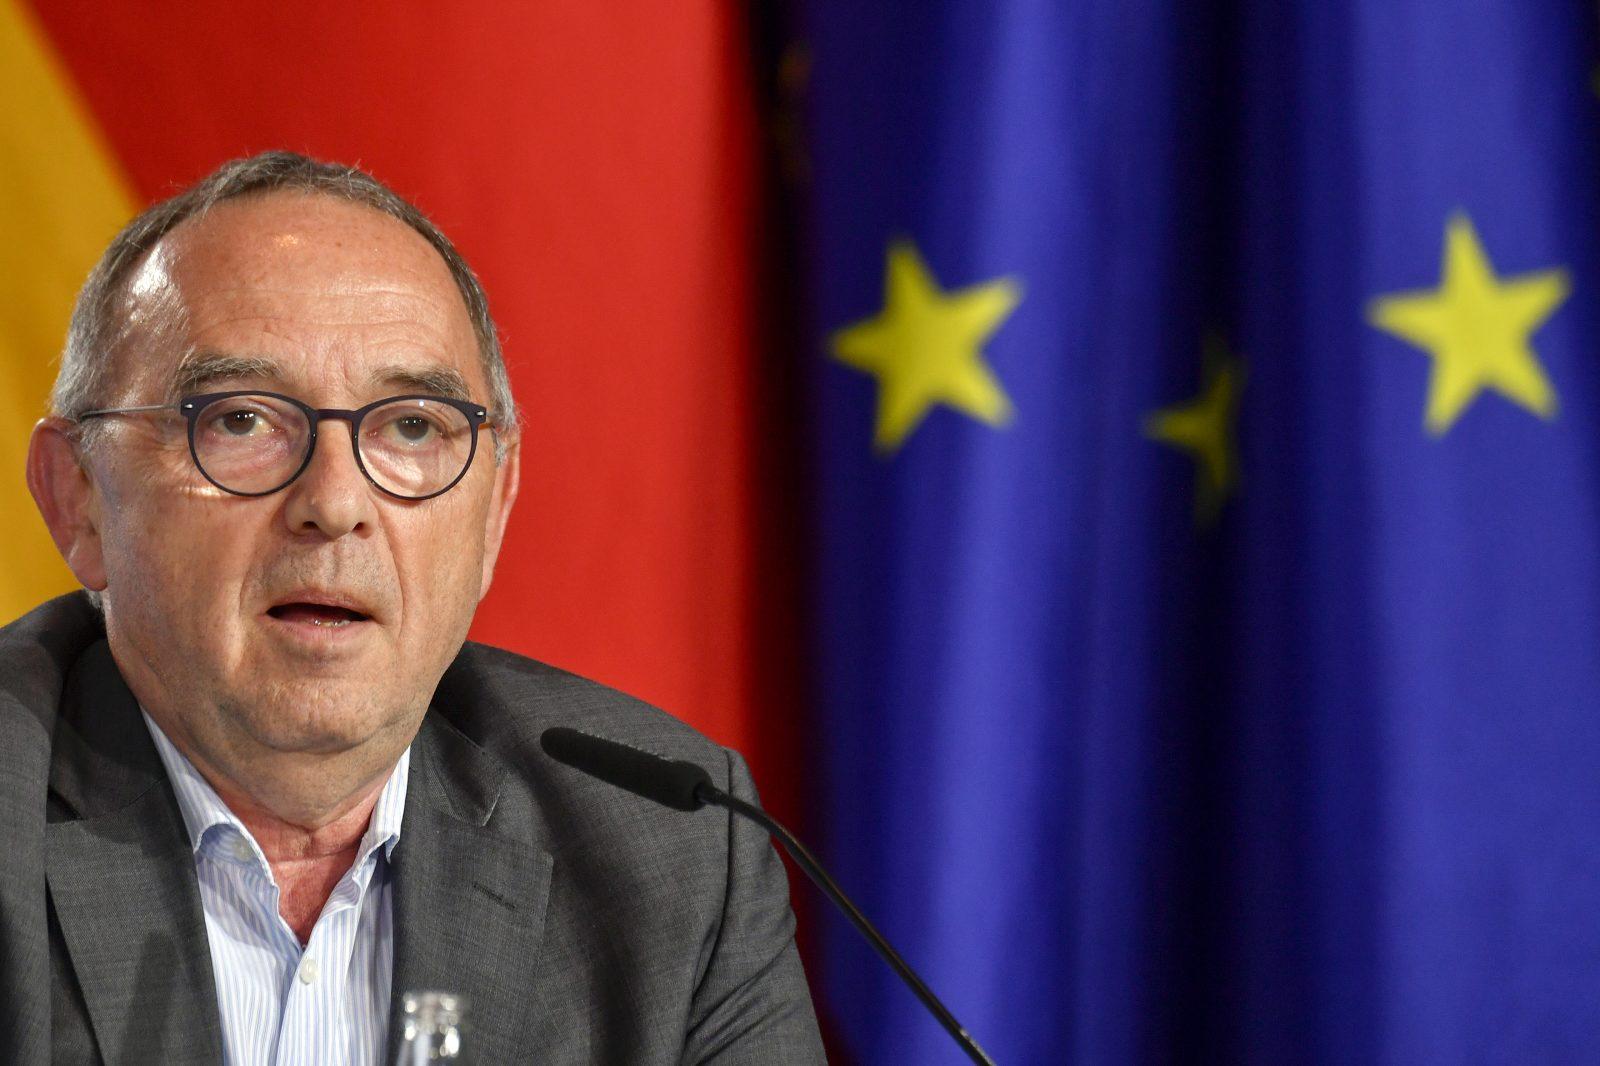 Der SPD-Vorsitzende Norbert Walter-Borjans plädiert für mehr Europa und einen EU-weiten Mindestlohn Foto: picture alliance / AP Images